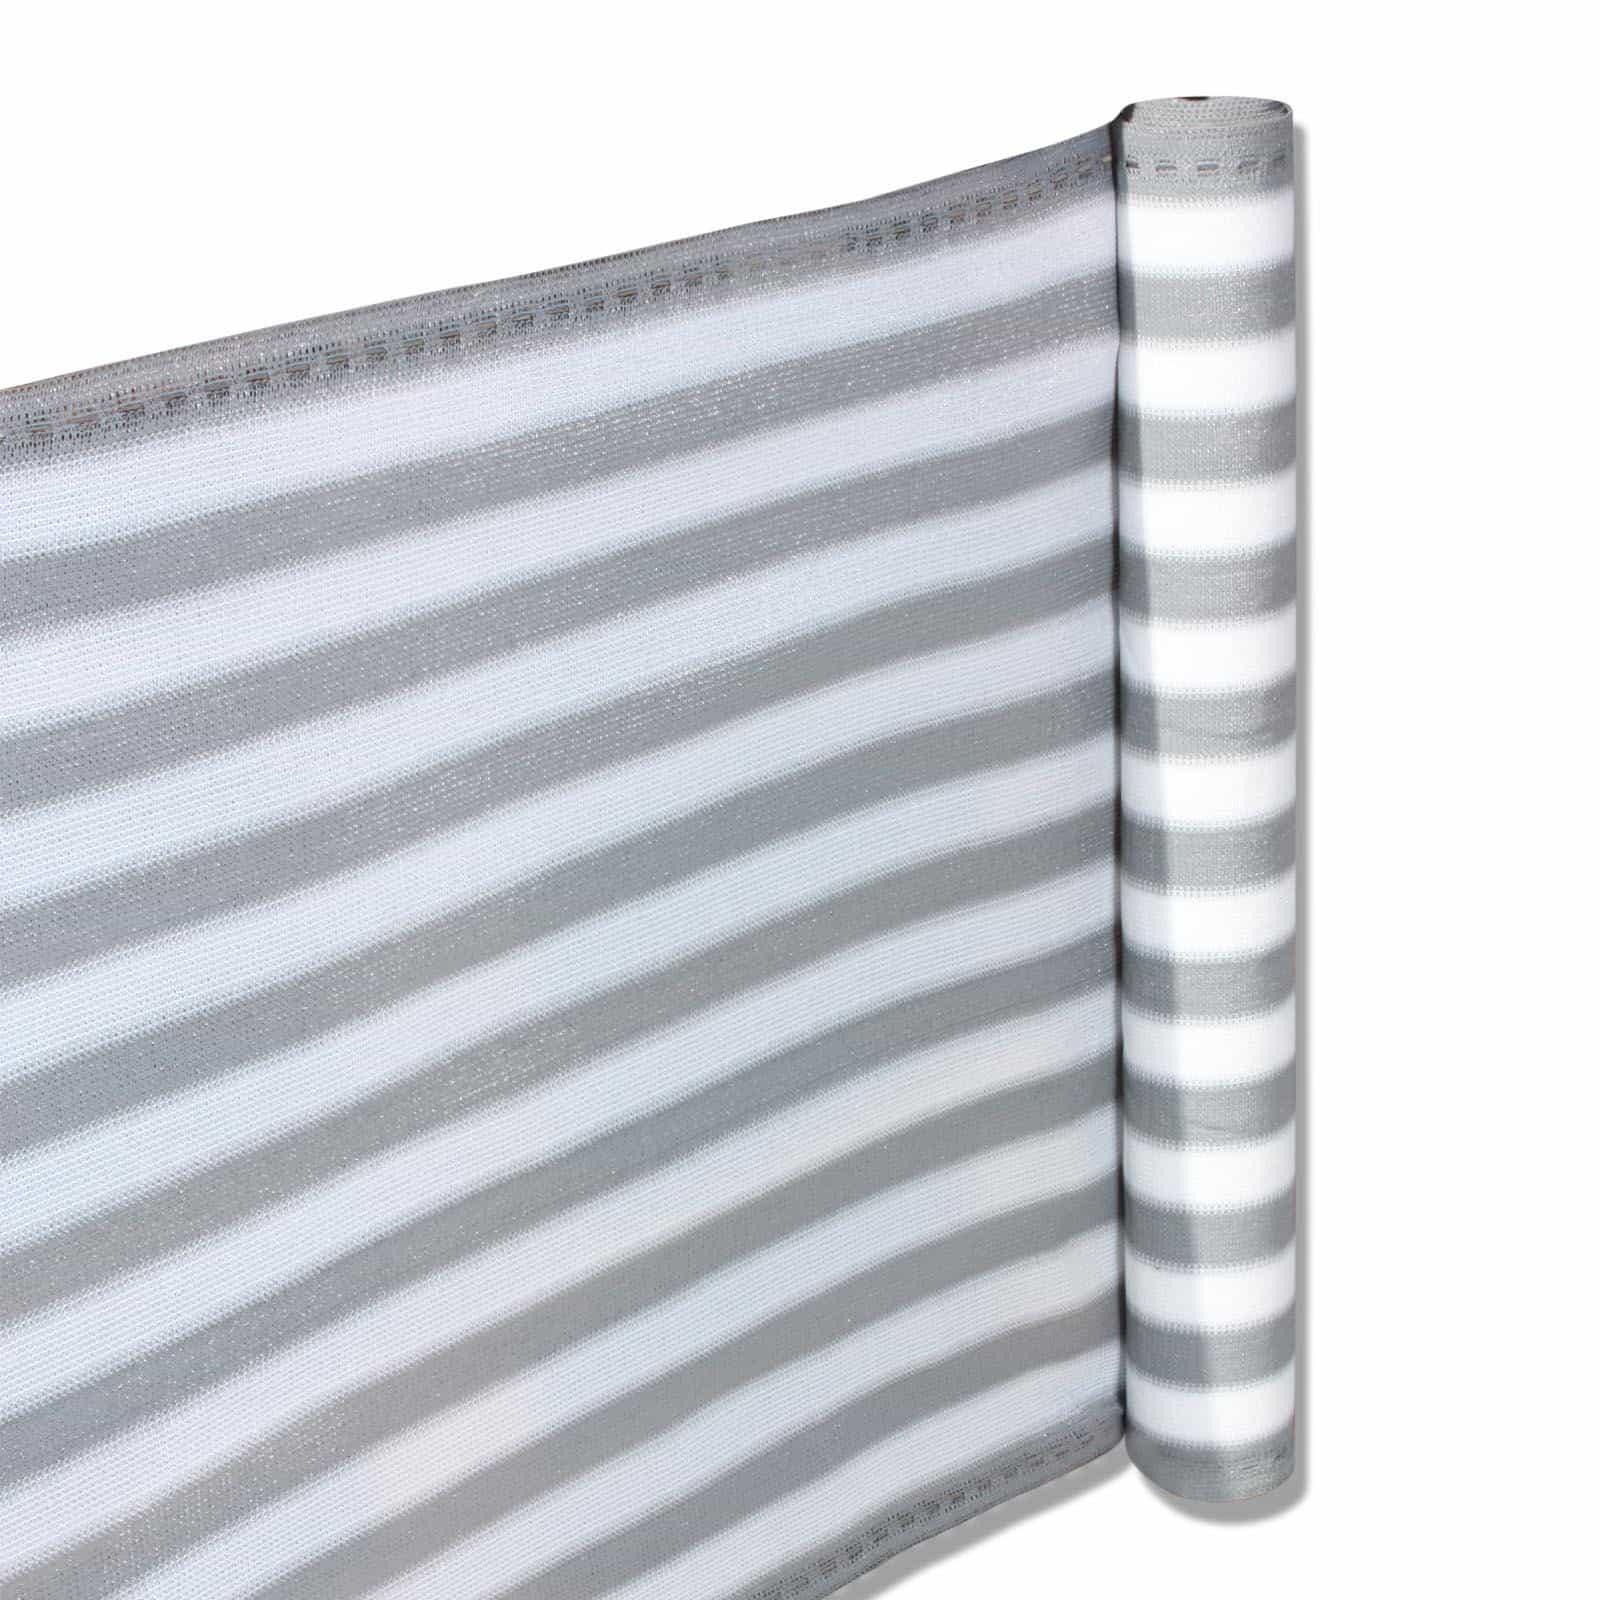 Hanse® Duurzam Balkonscherm - Kleur Grijs/Wit - Balkondoek - 500x90cm